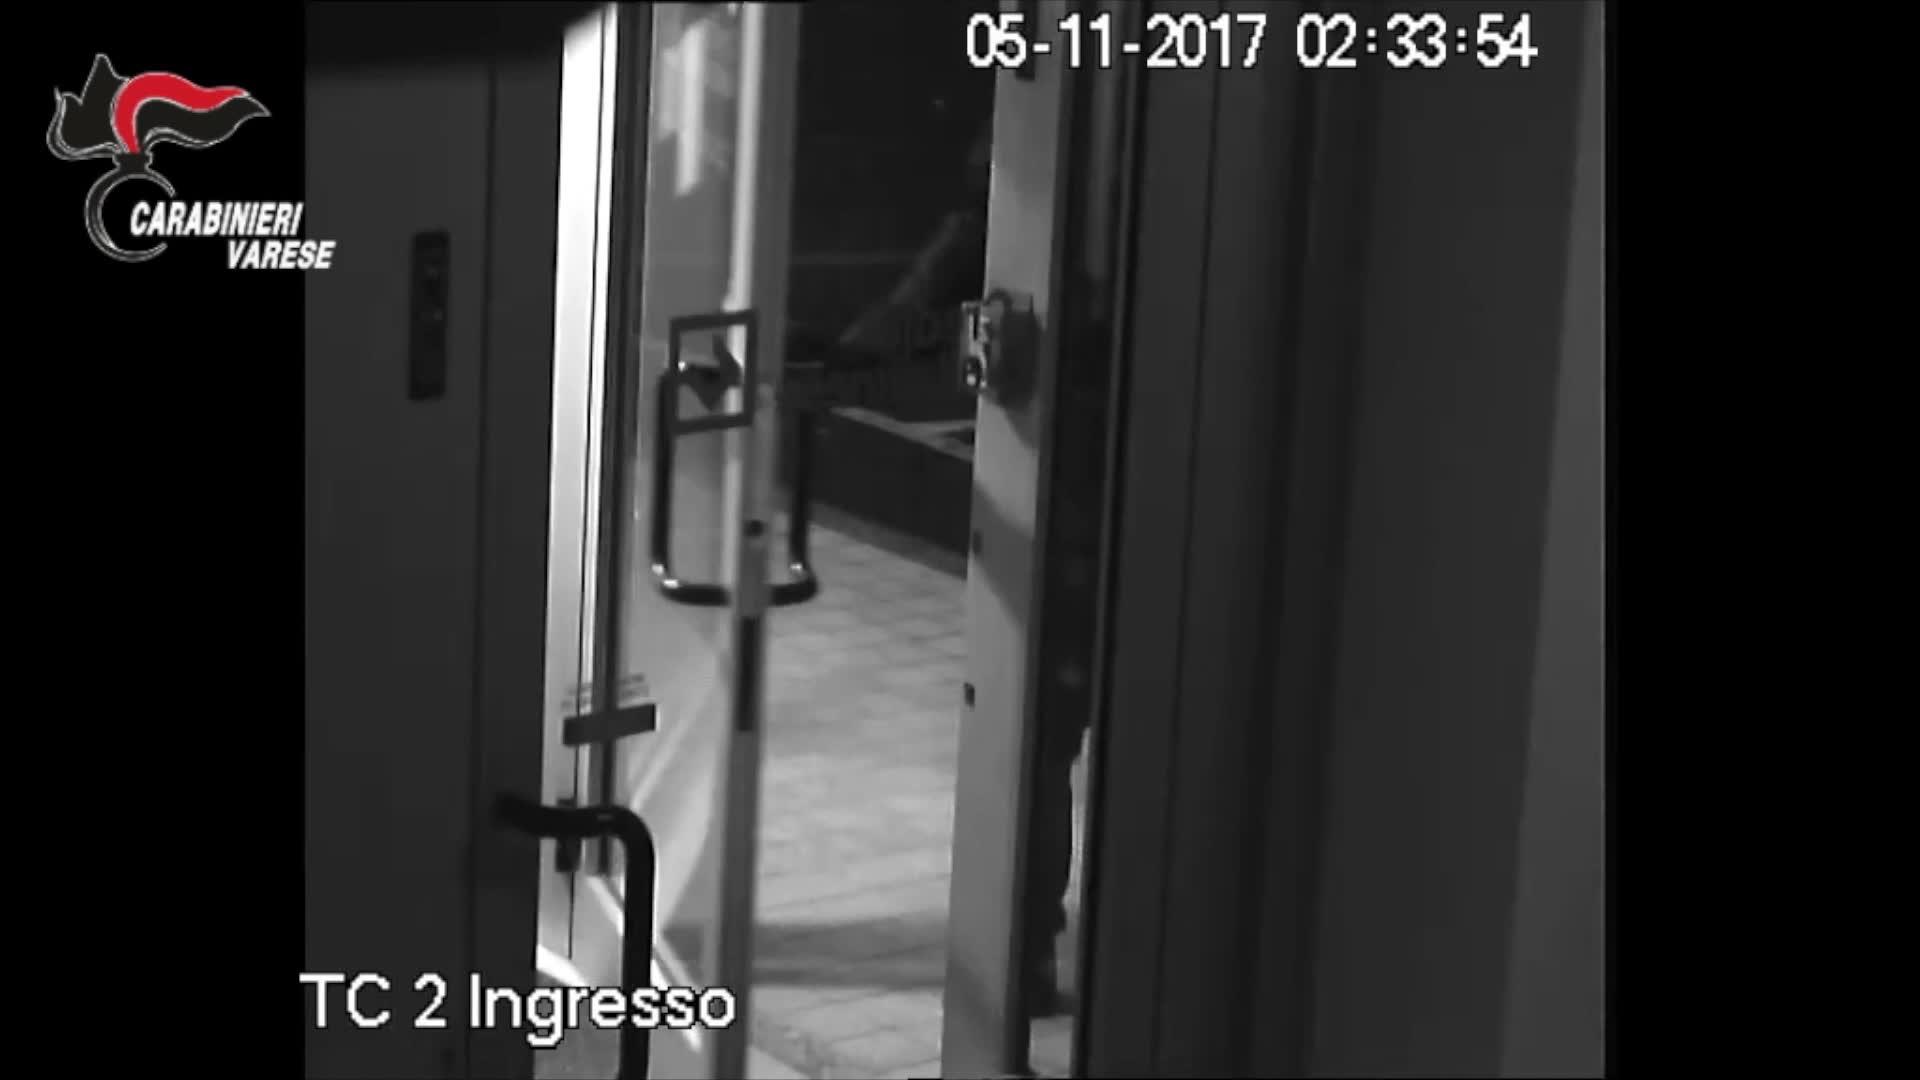 Video: Lo scasso, l'ordigno e l'esplosione: ecco come la banda faceva saltare i bancomat